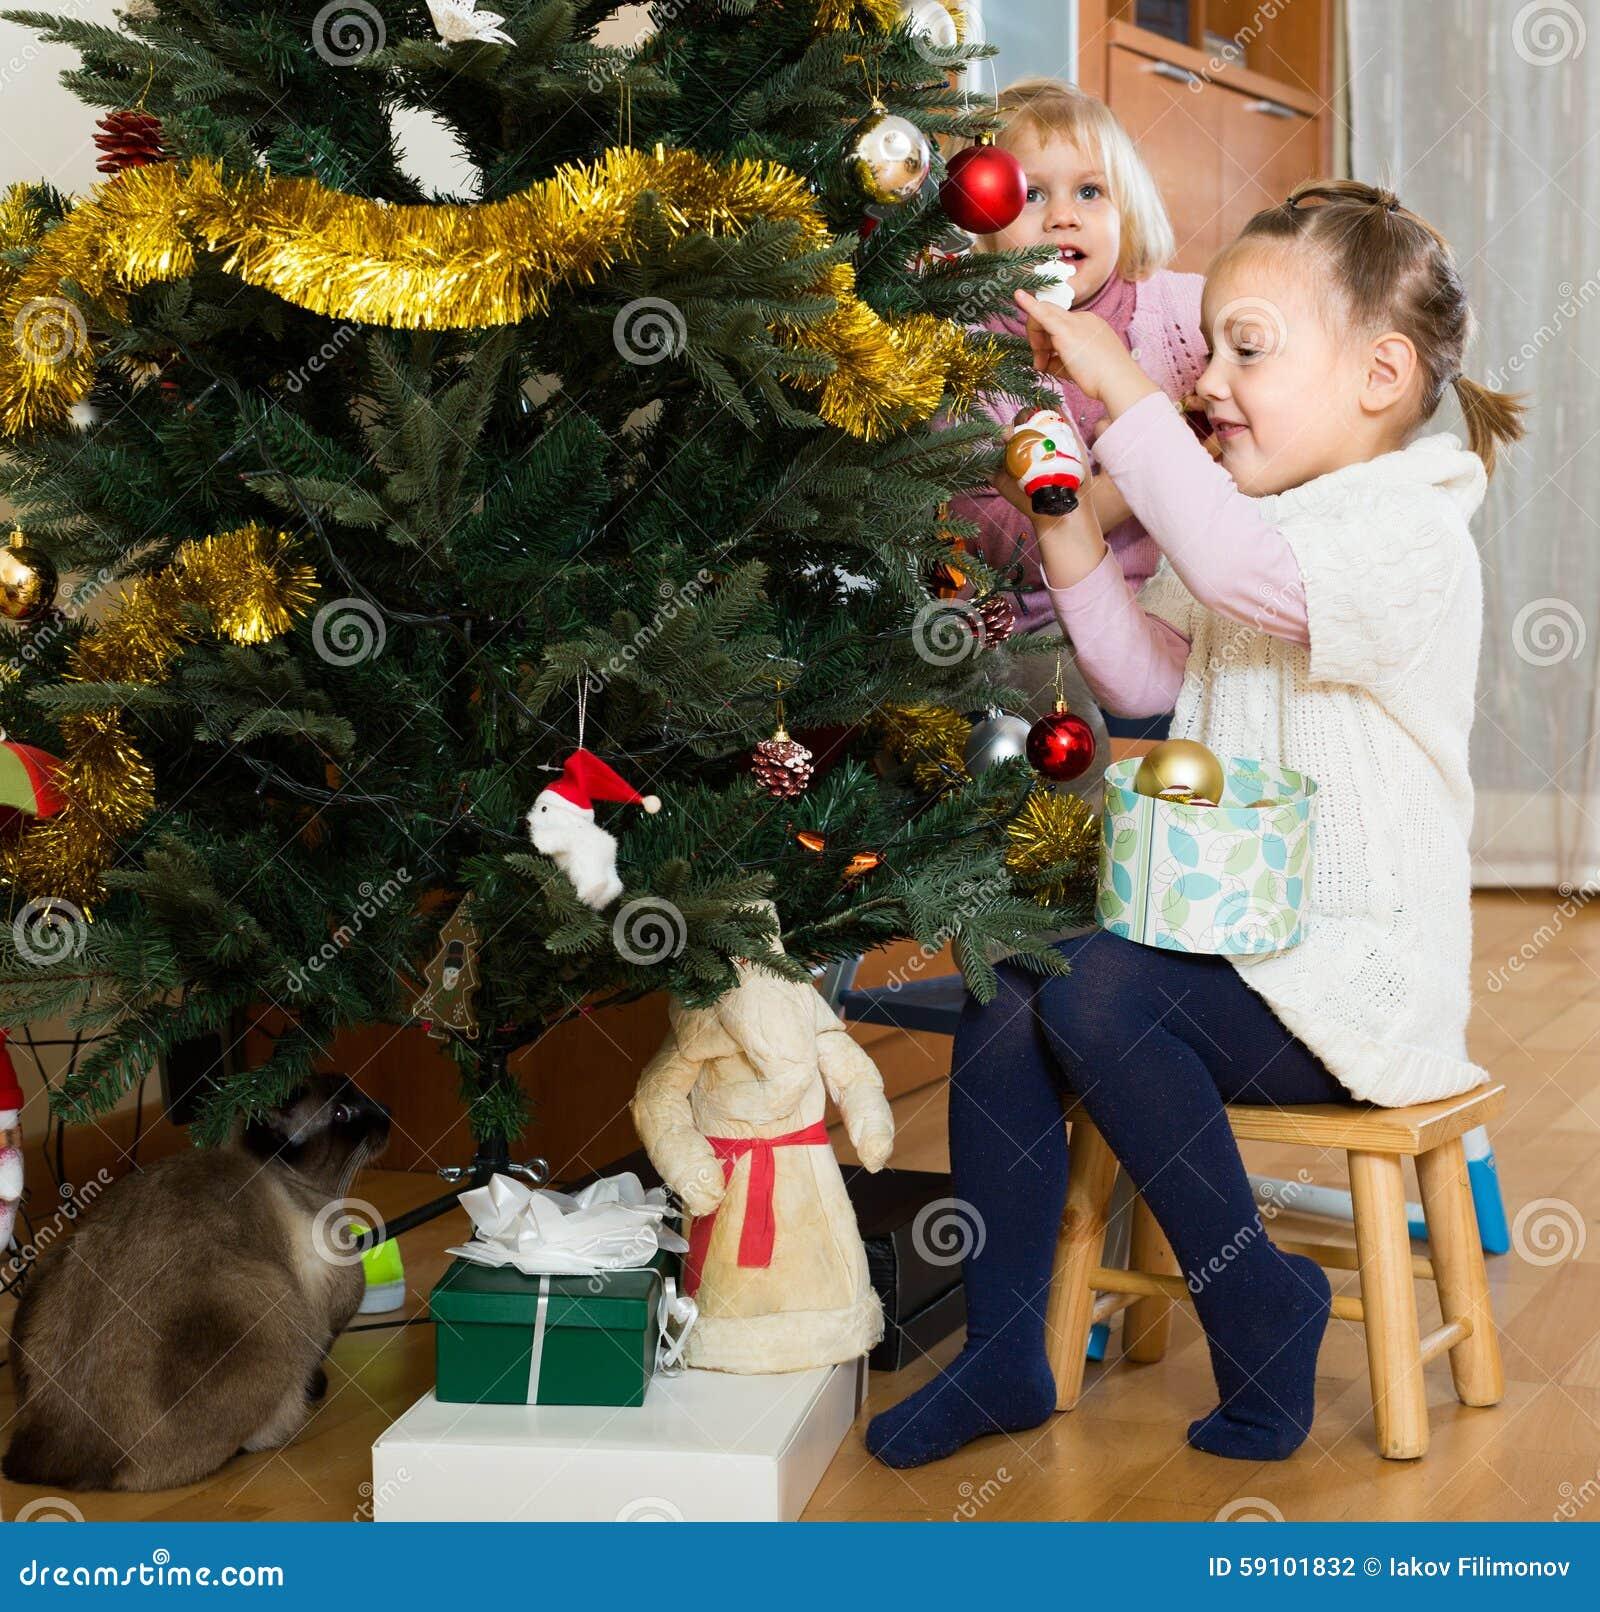 装饰圣诞树的两个小女孩